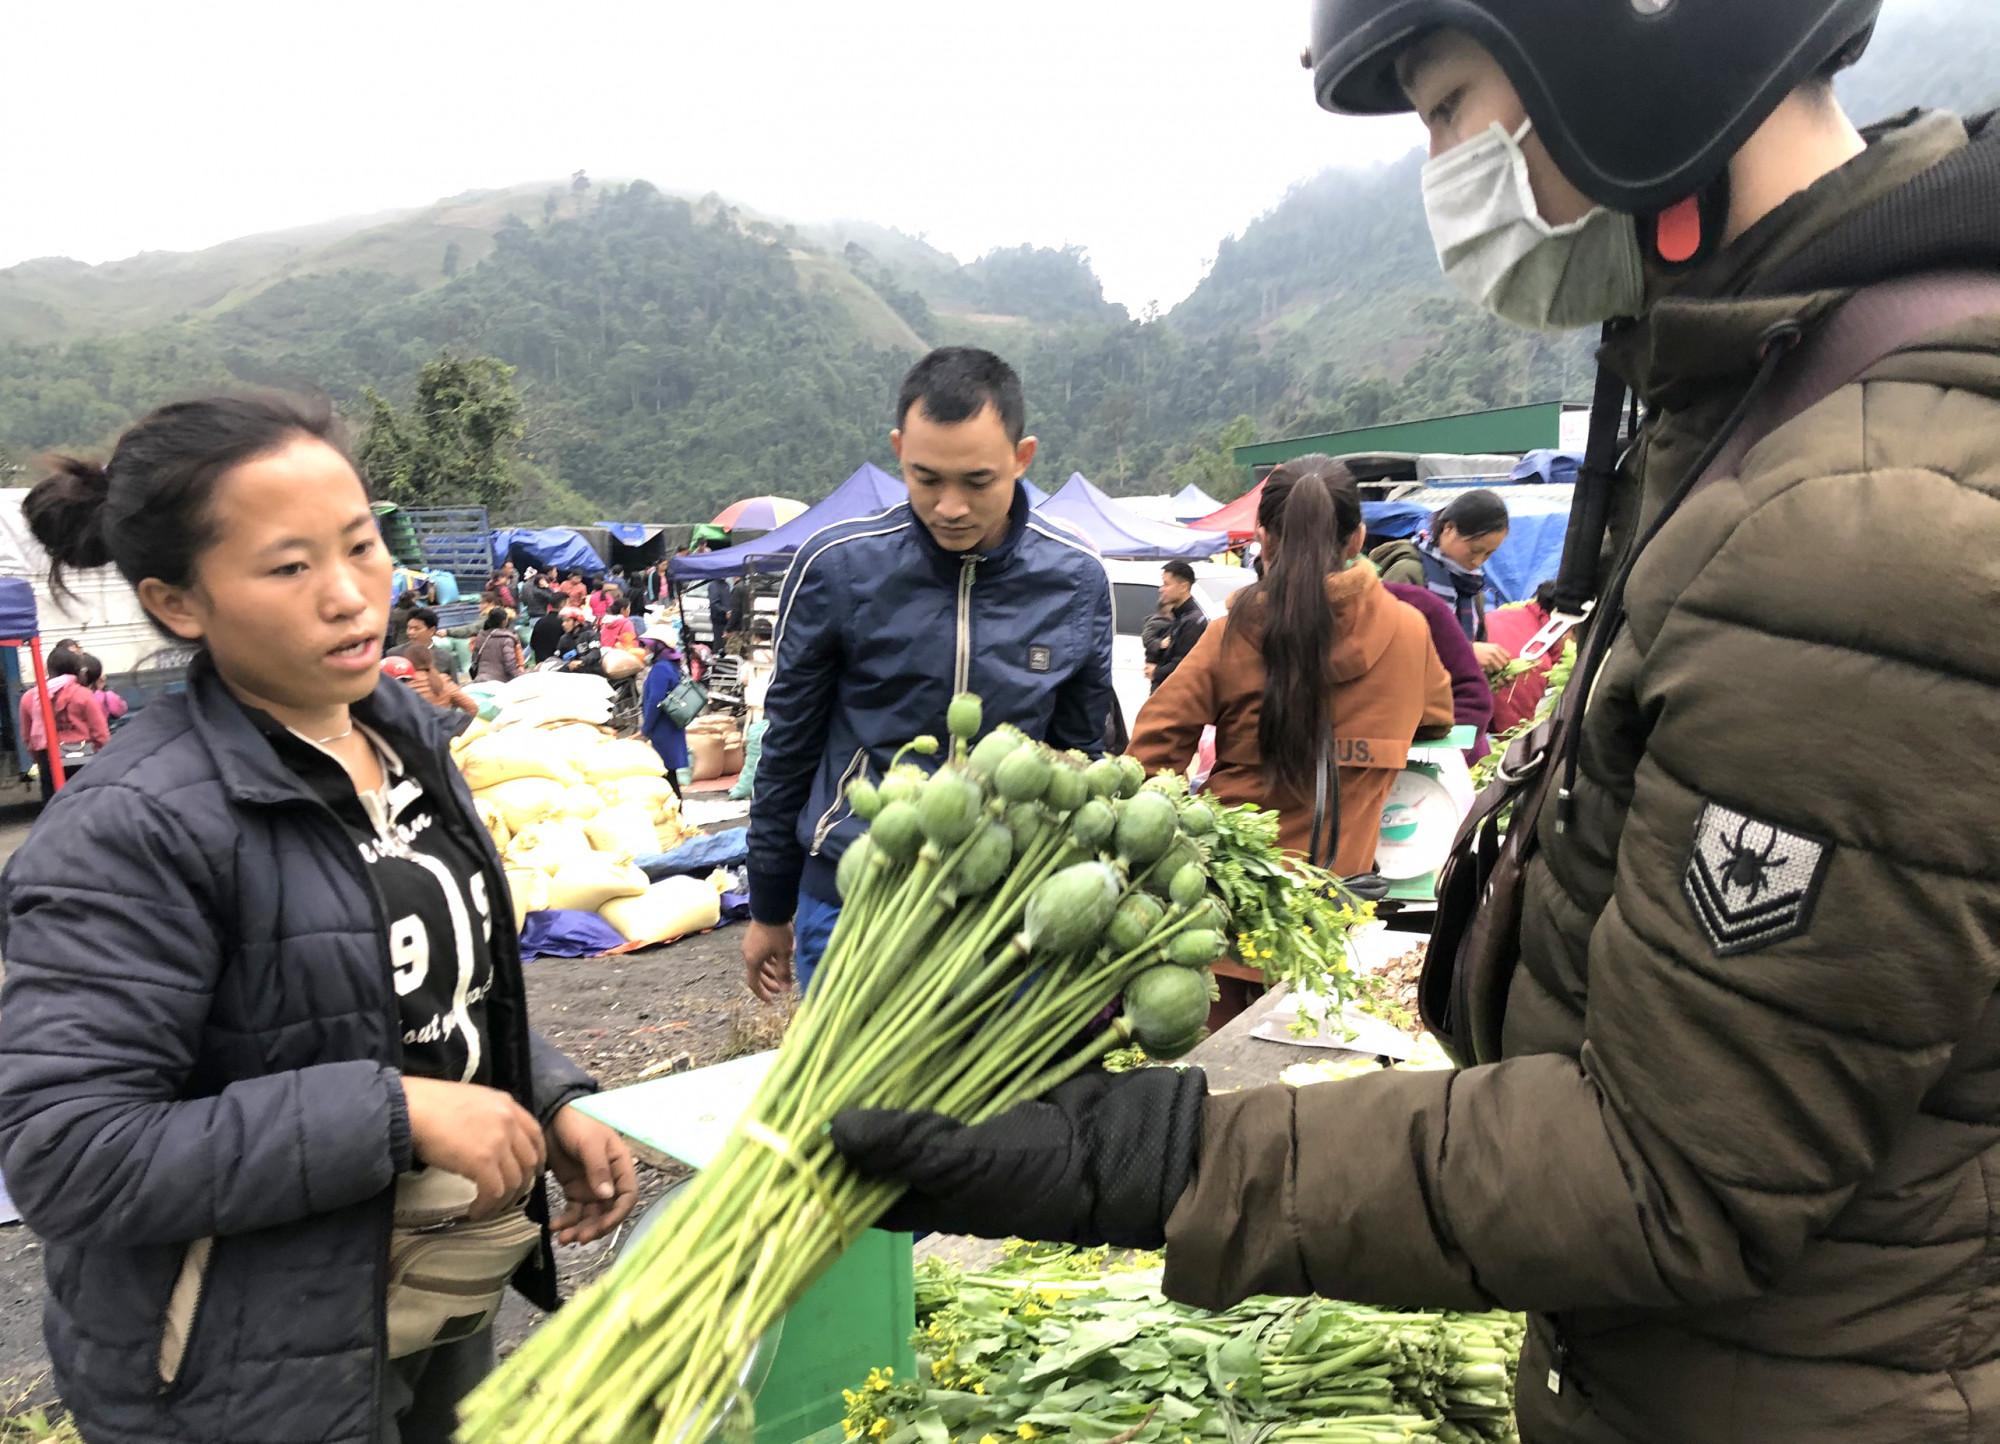 Nhiều du khách ngỡ ngàng khi thấy loại cây cấm ở Việt Nam lại được bán như rau ngoài chợ khi ghé thăm chợ biên giới Việt - Lào